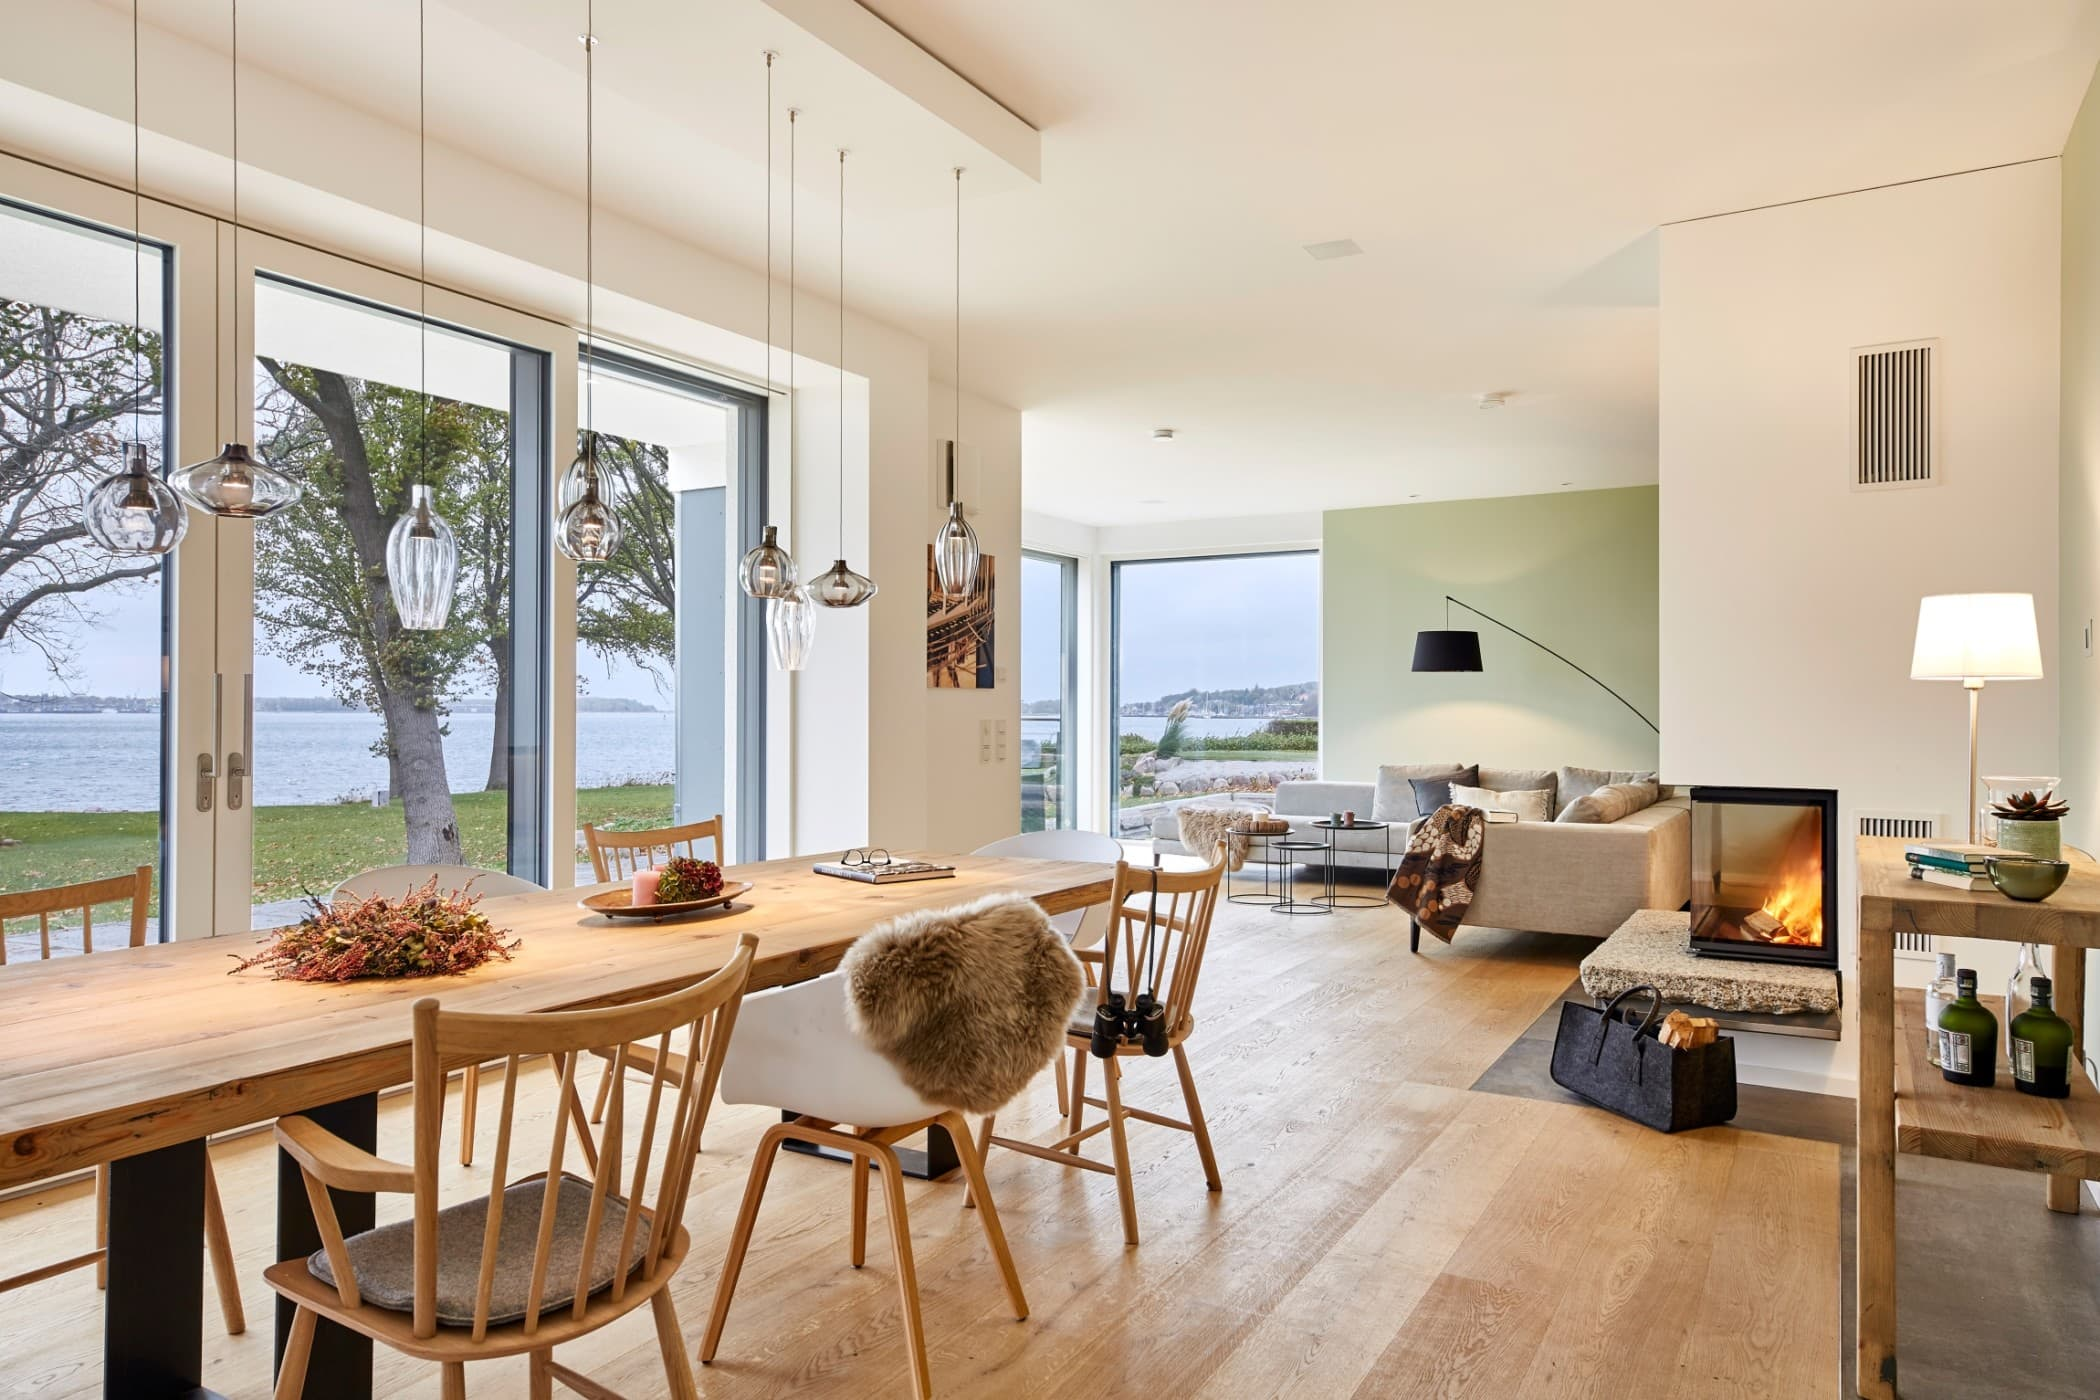 Wohn- Esszimmer modern offen mit Holztisch & Kamin - Wohnideen Haus Inneneinrichtung BAUFRITZ Architektenhaus MEHRBLICK - HausbauDirekt.de